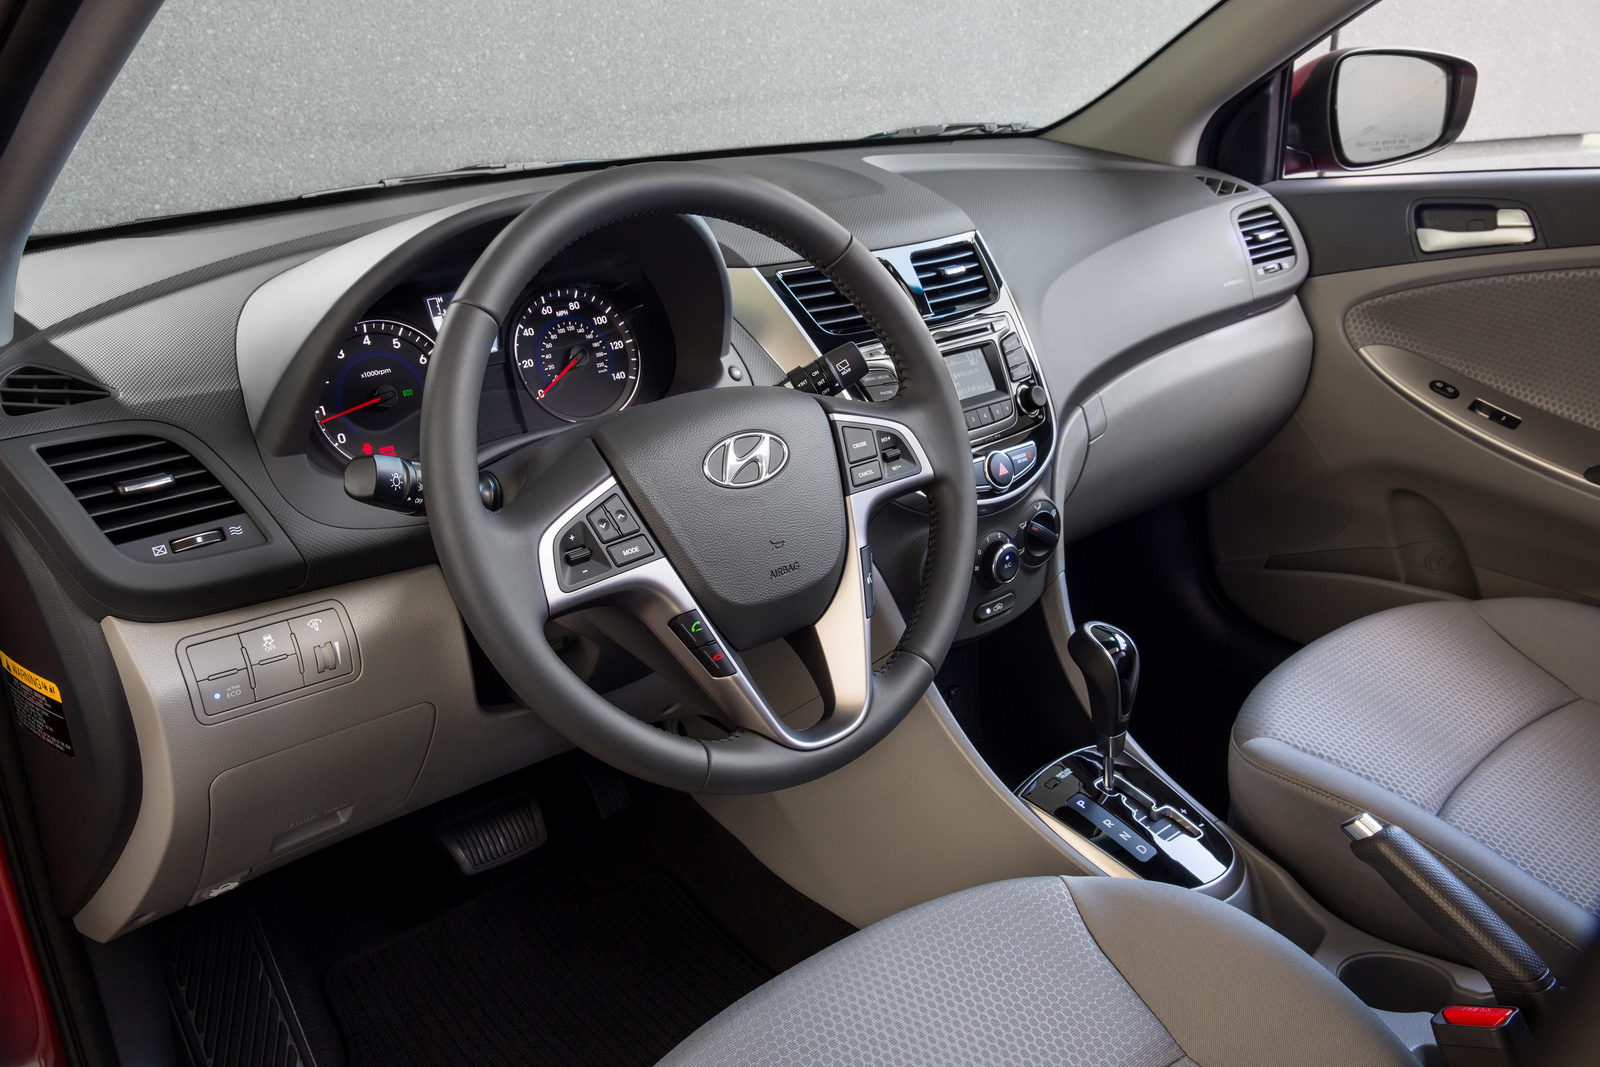 Nội thất bắt mắt và bổ sung nhiều trang thiết bị mới trên Hyundai Accent 2015